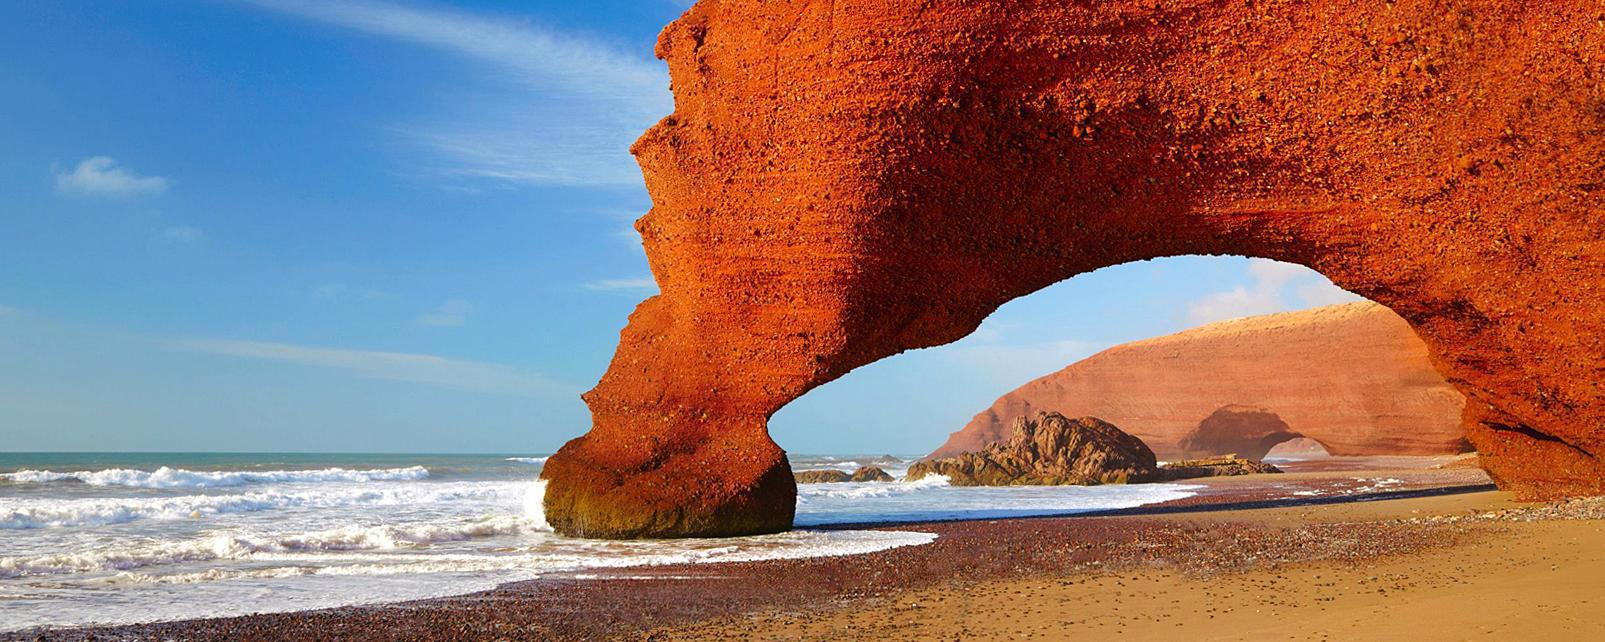 voyage maroc quoi emmener